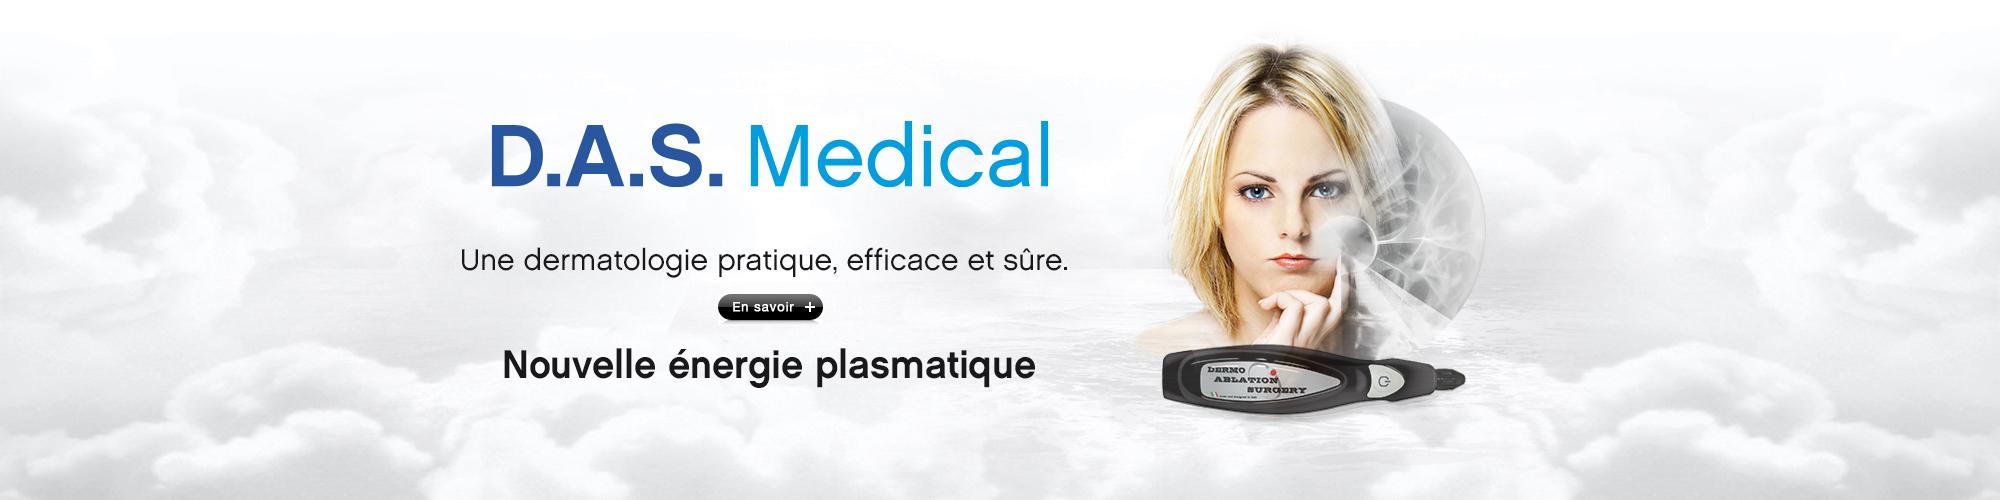 https://capactuel.com/storage/app/media/Carousel/accueil/bannieredas.jpg